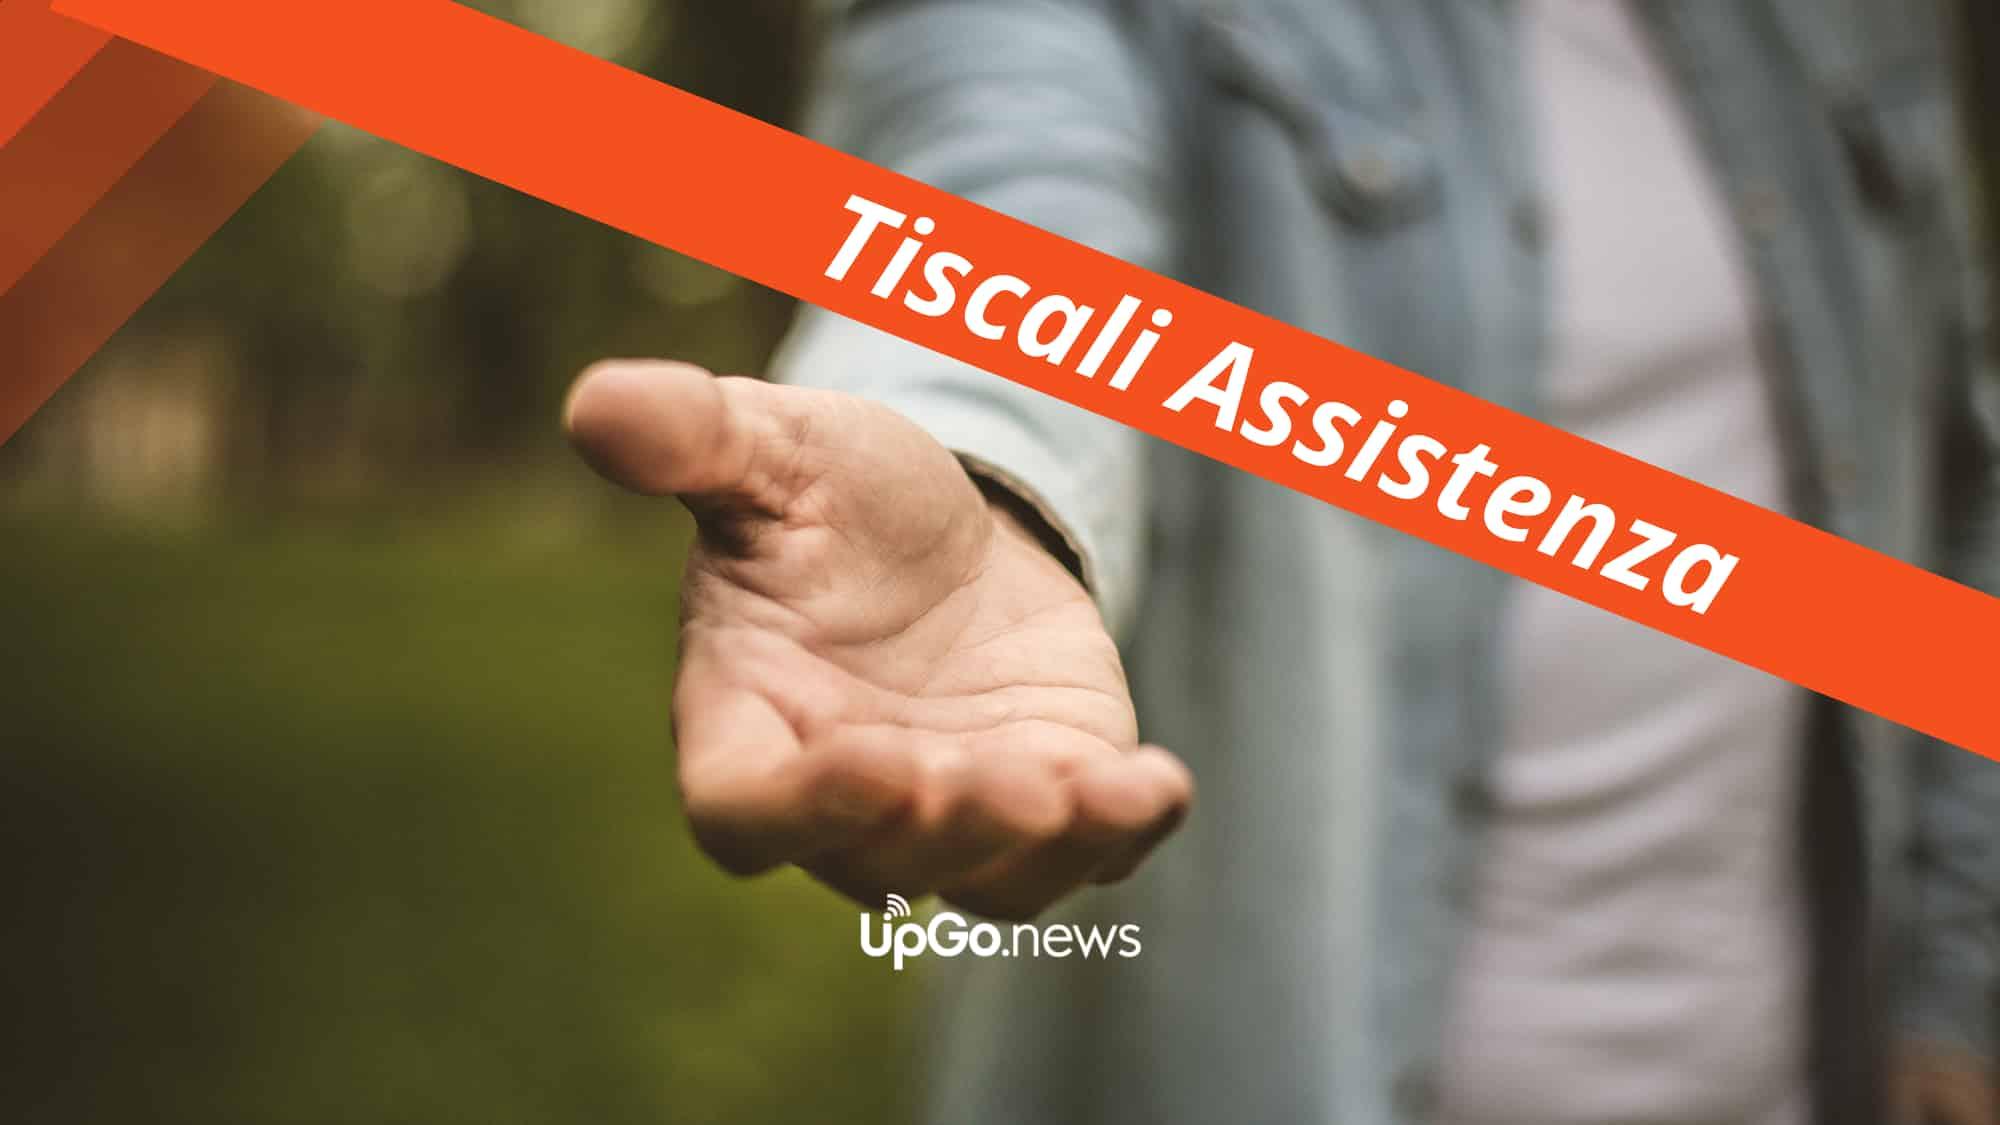 Assistenza di Tiscali